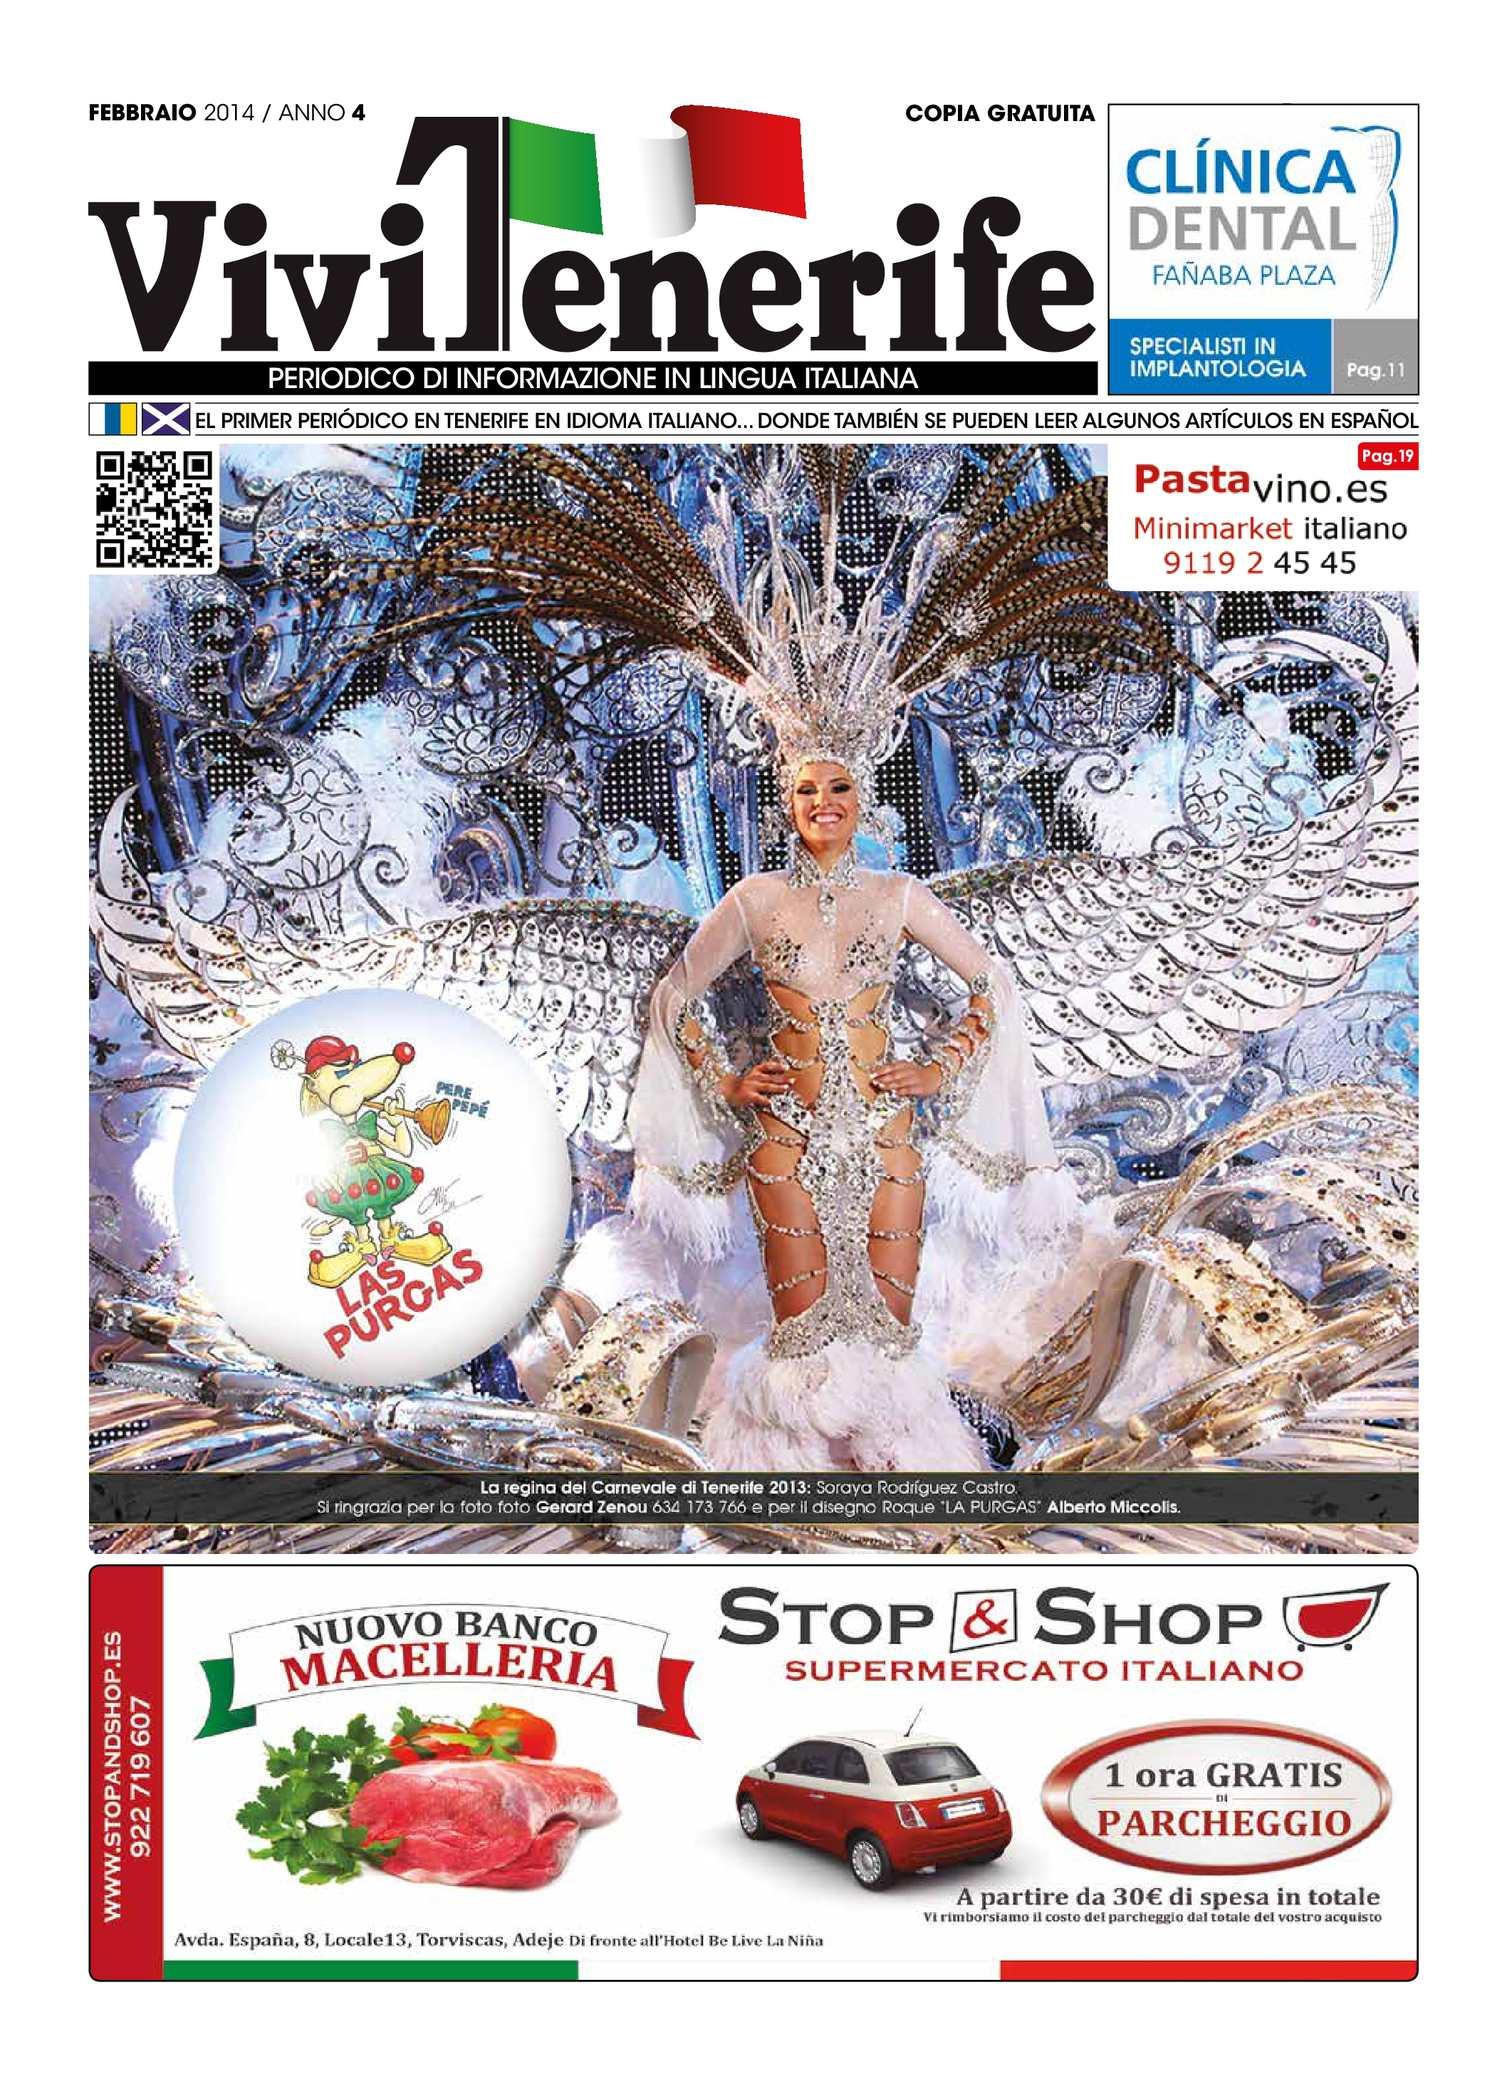 Calameo Febbraio 2014 Anno 4 Www Vivitenerife Com Il Primo Periodico A Tenerife Dove Si Possono Leggere Alcuni Articoli Anche In Spagnolo